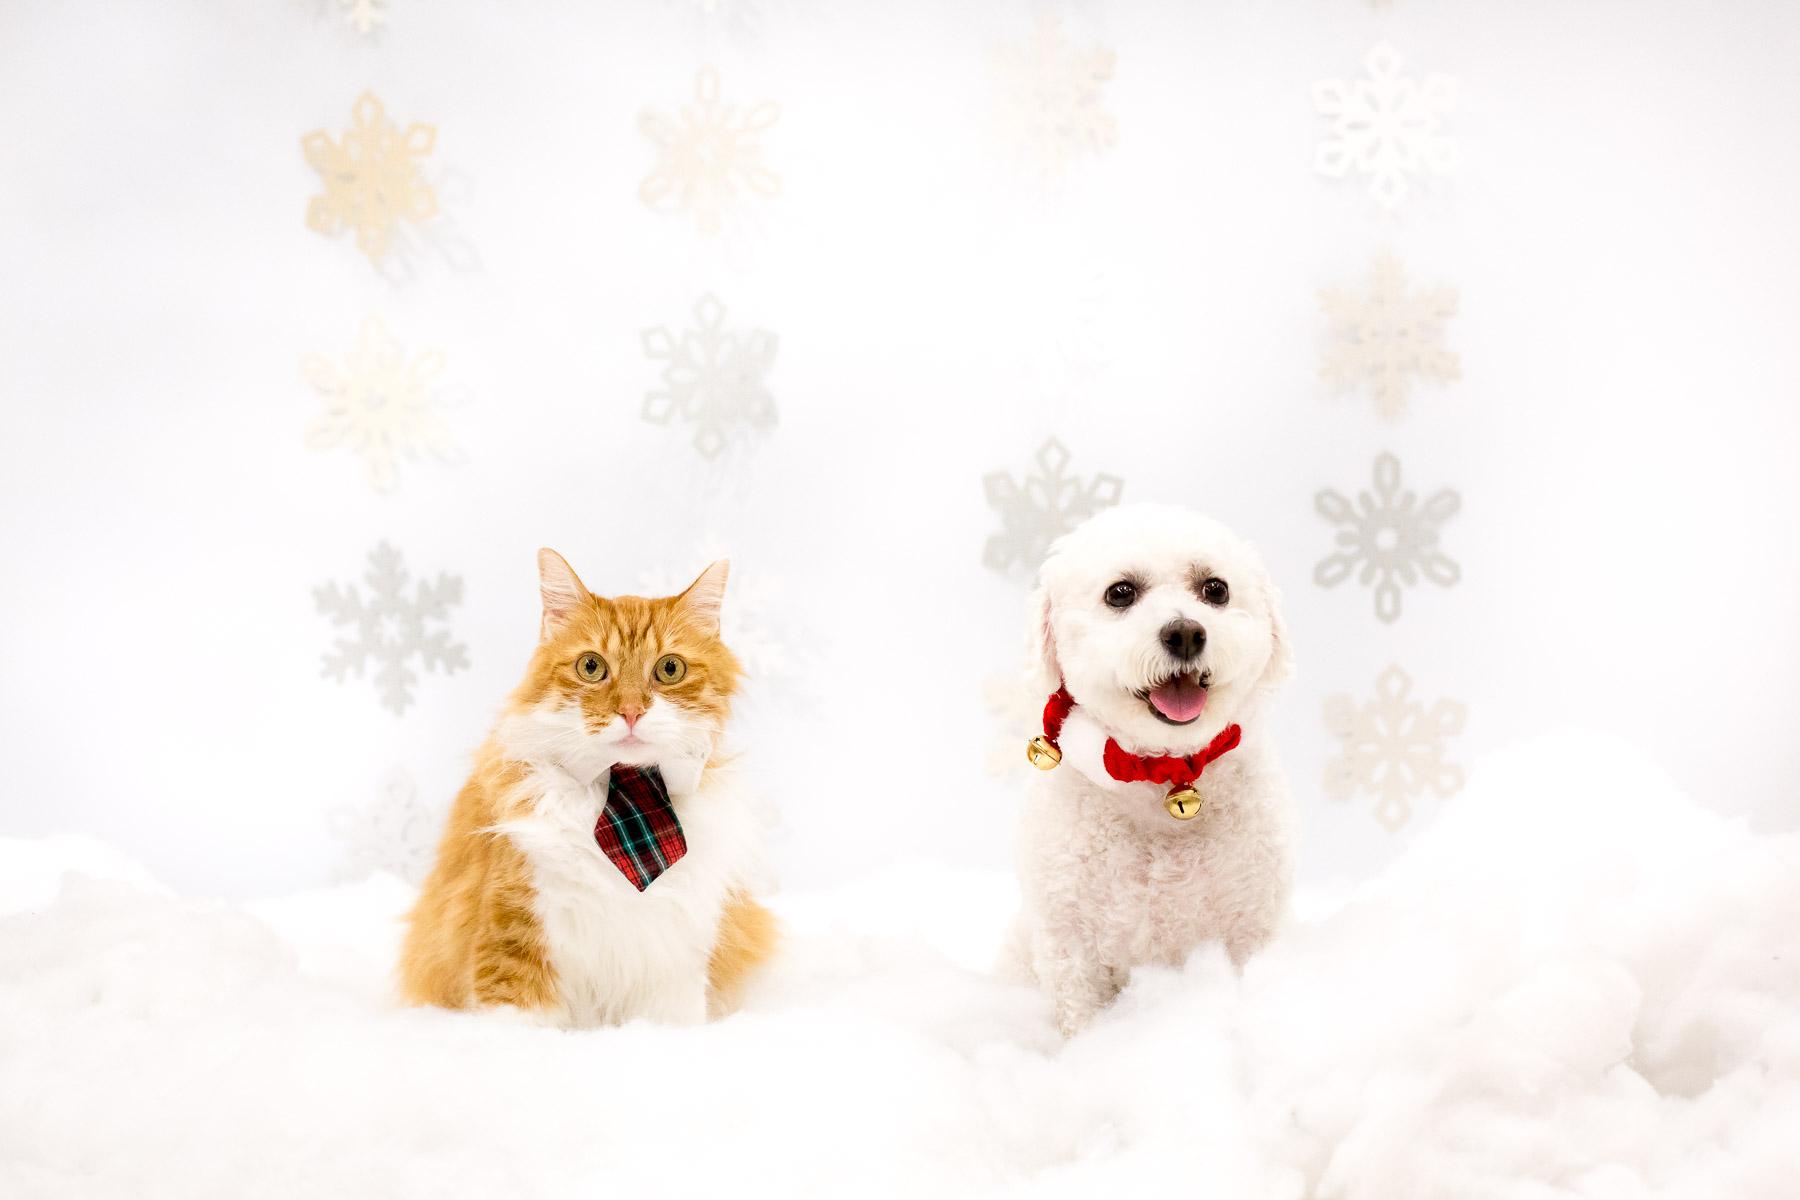 cat-and-dog-holidays-postcard-photos